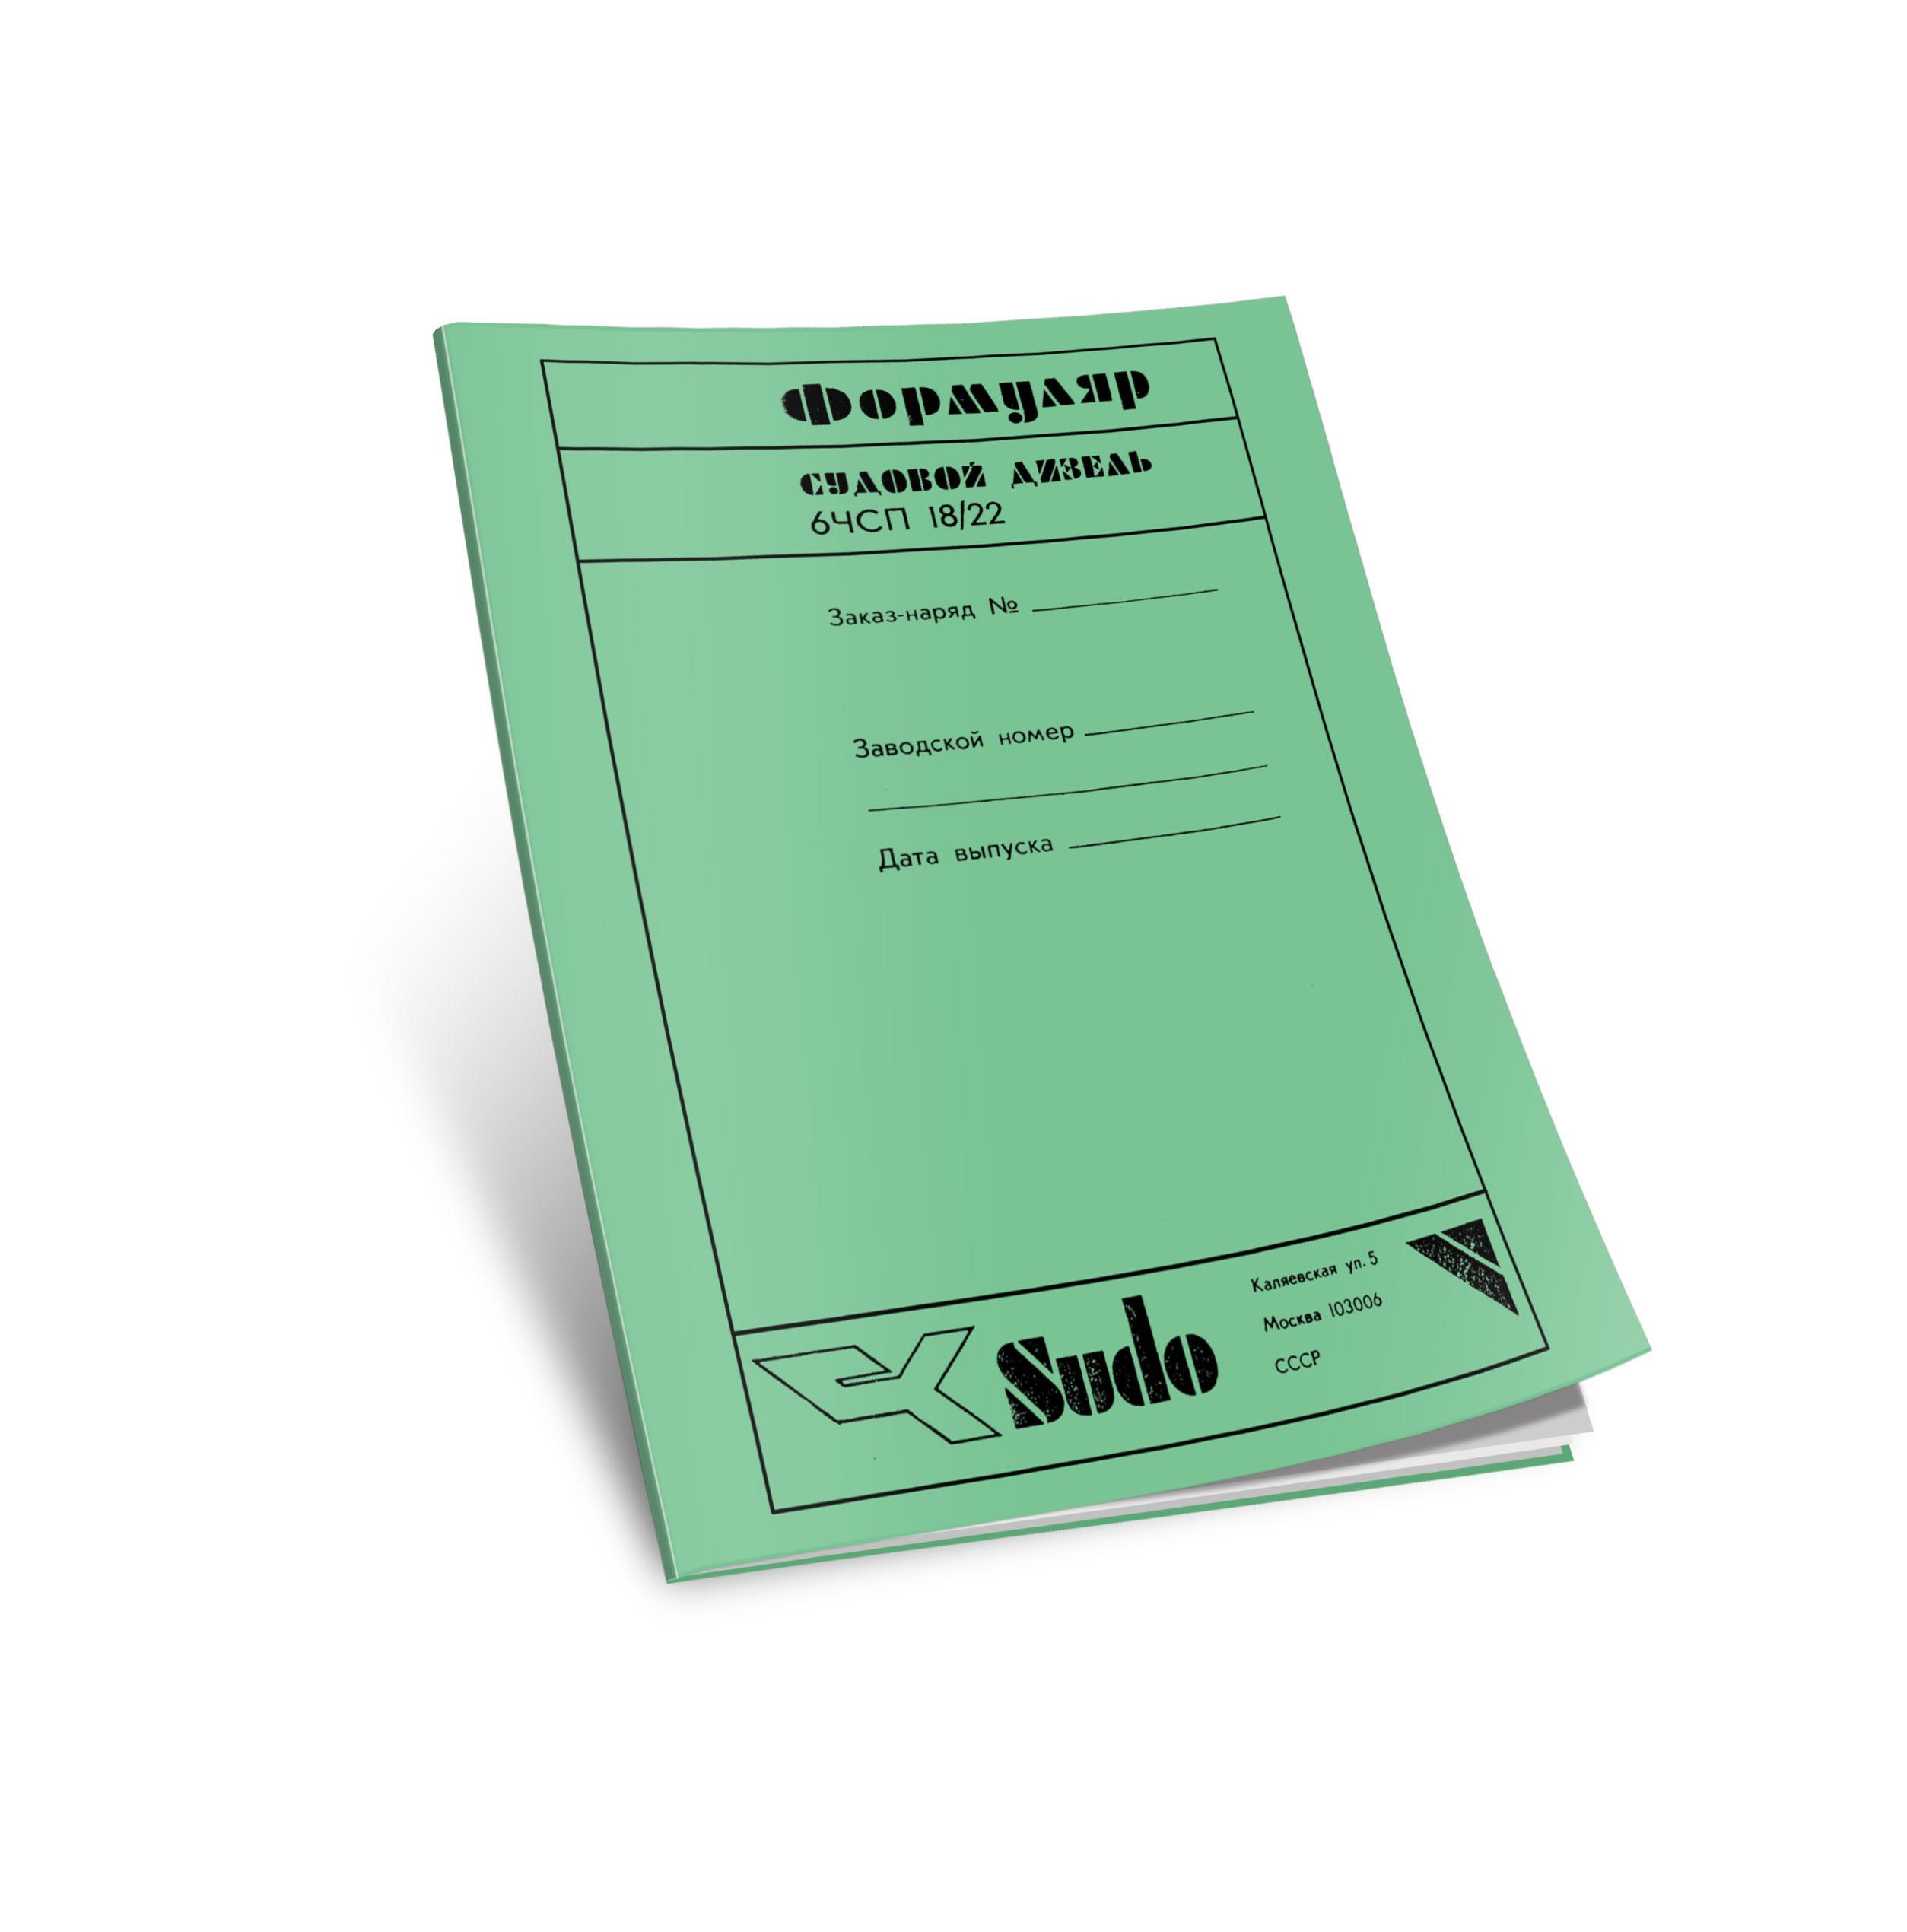 Формуляр судового дизеля 6ЧСП 18/22-150-3